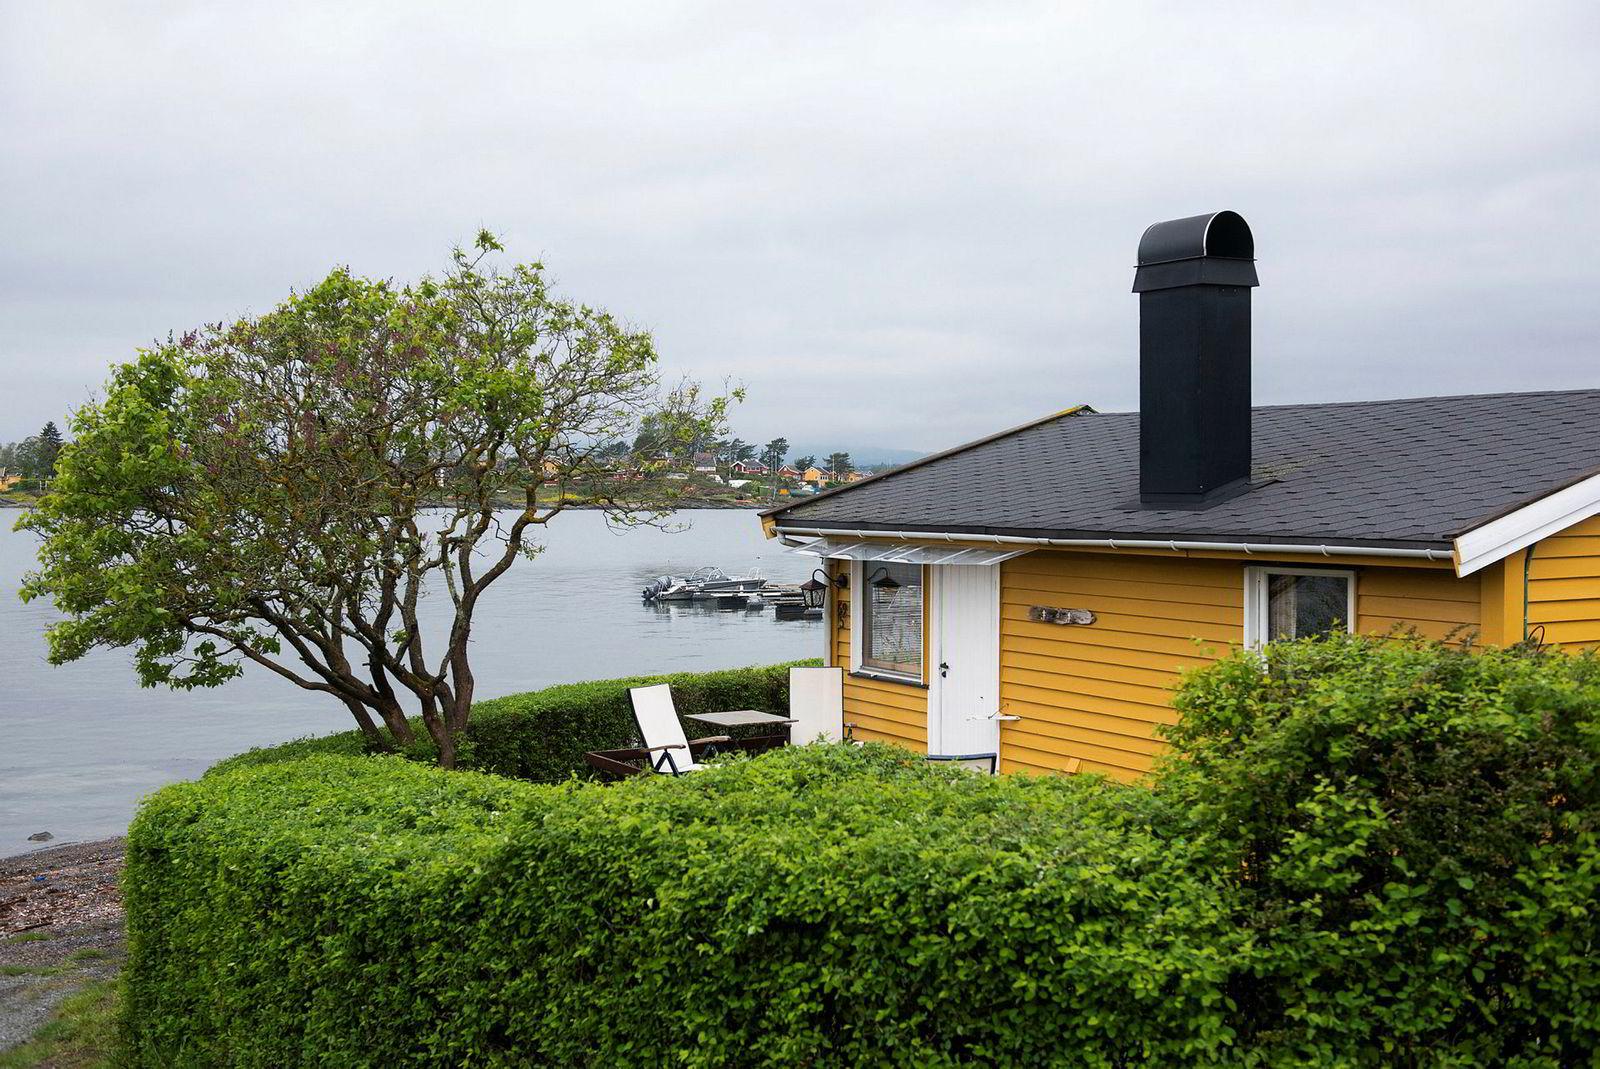 33 kvadratmeter stor hytte på Lindøya i første rekke mot sjøen, noen få meter fra strandkanten. Prisantydning 4,5 millioner kroner.